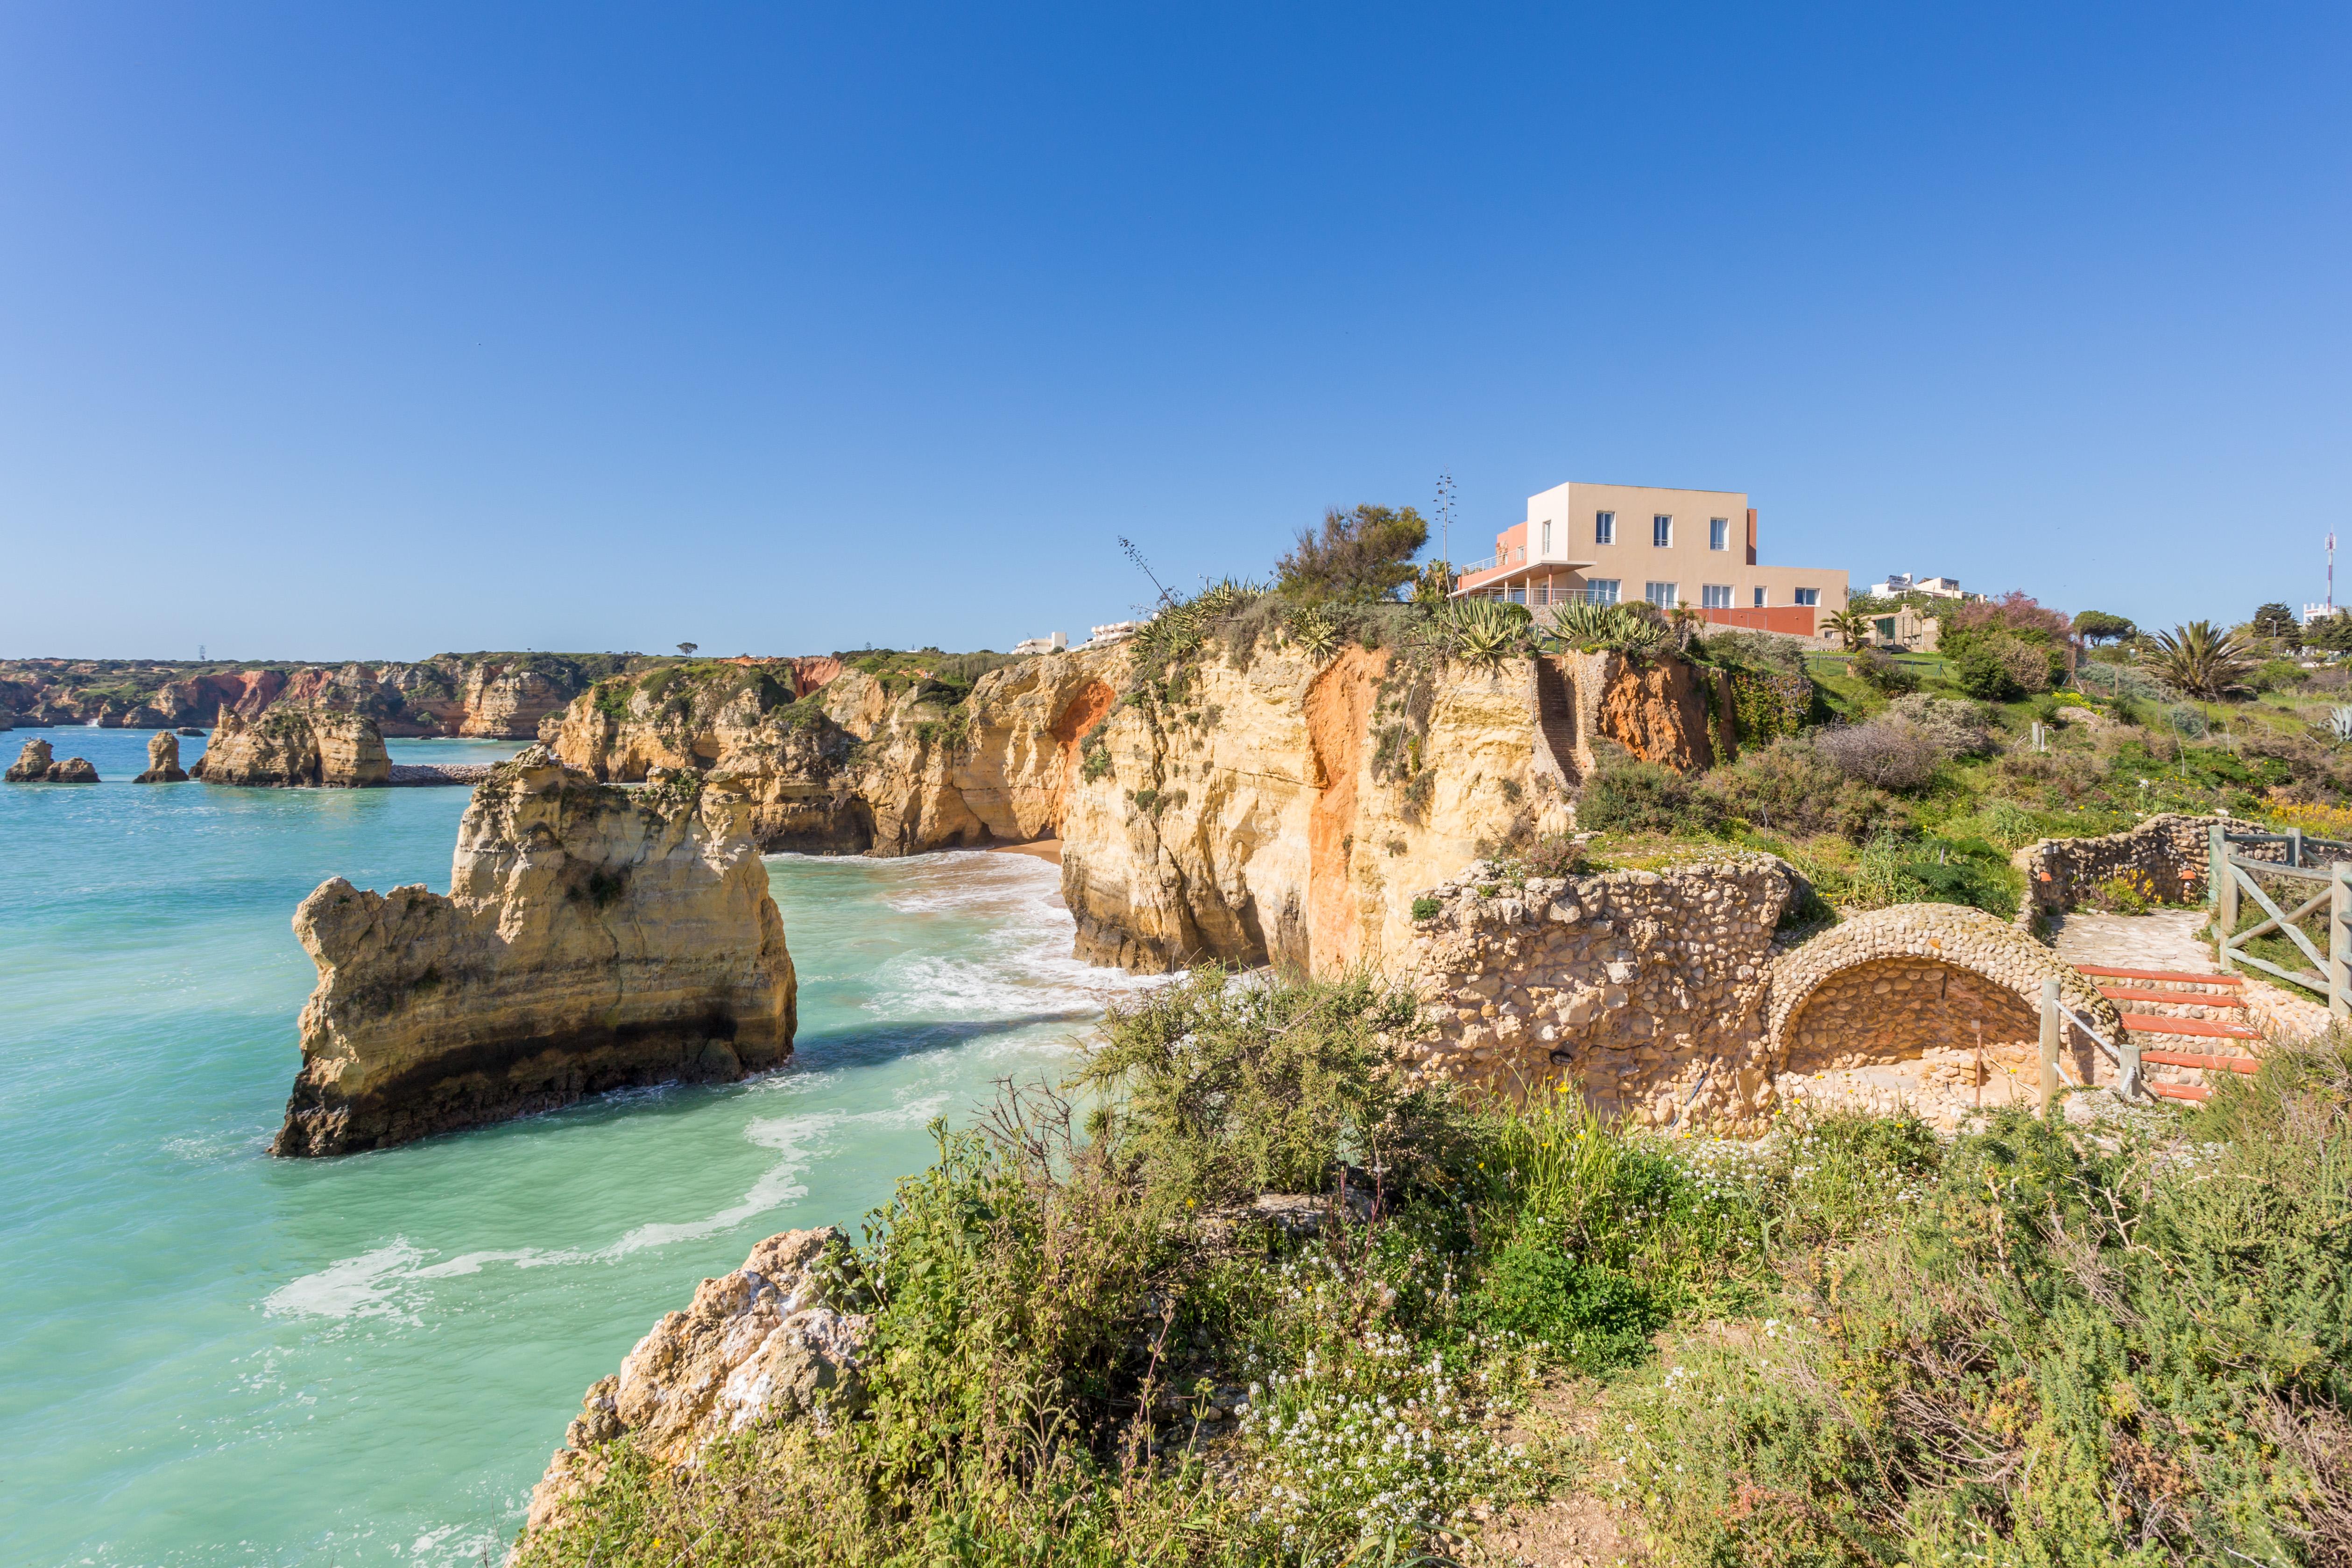 Fonte da imagem: Engel & Völkers Portugal